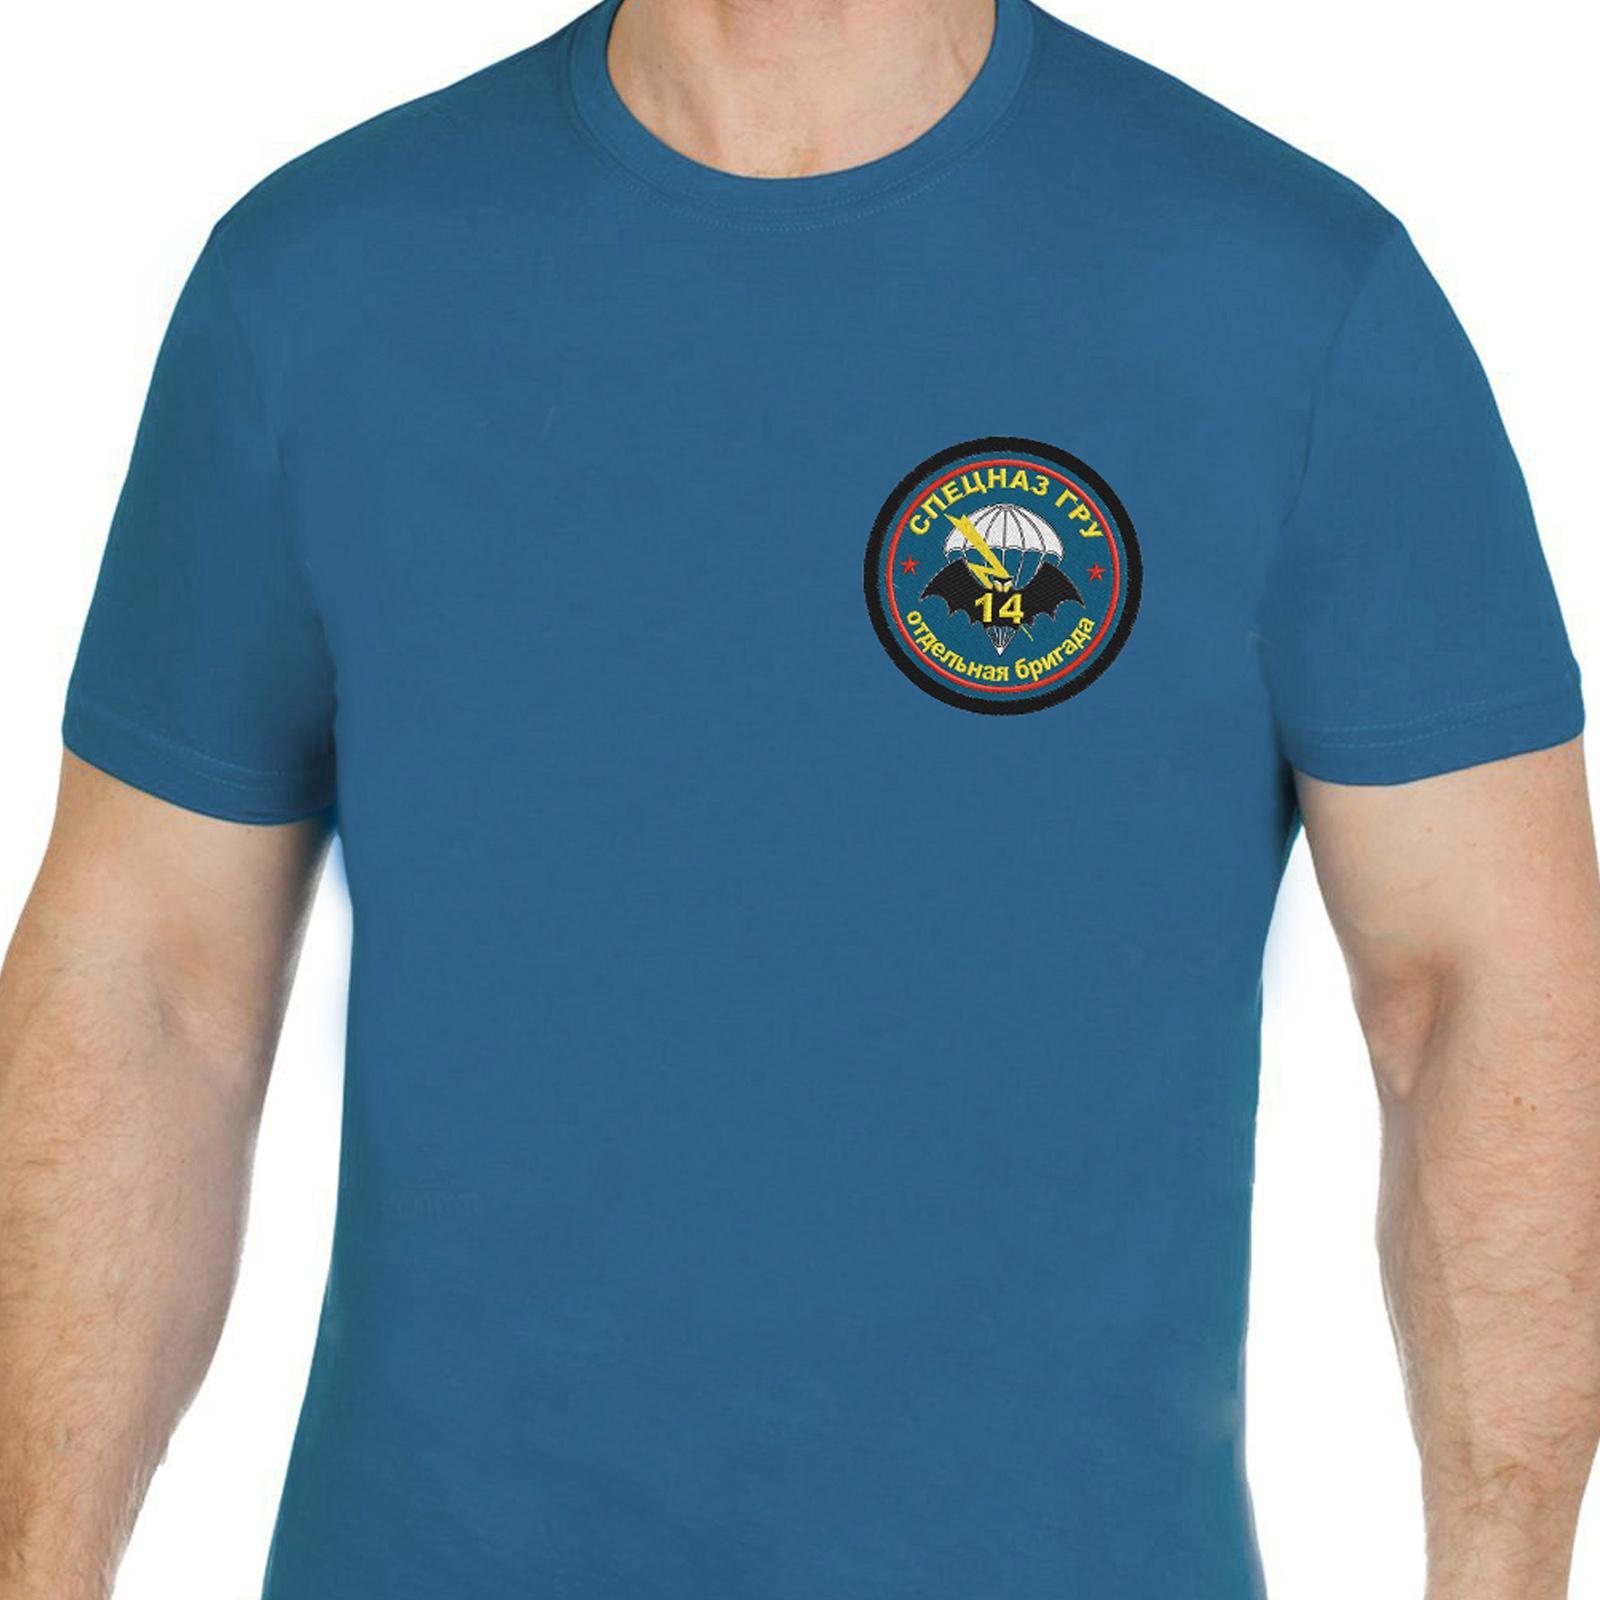 """Топовая футболка с нашивкой """"14 бригада Спецназ ГРУ"""""""